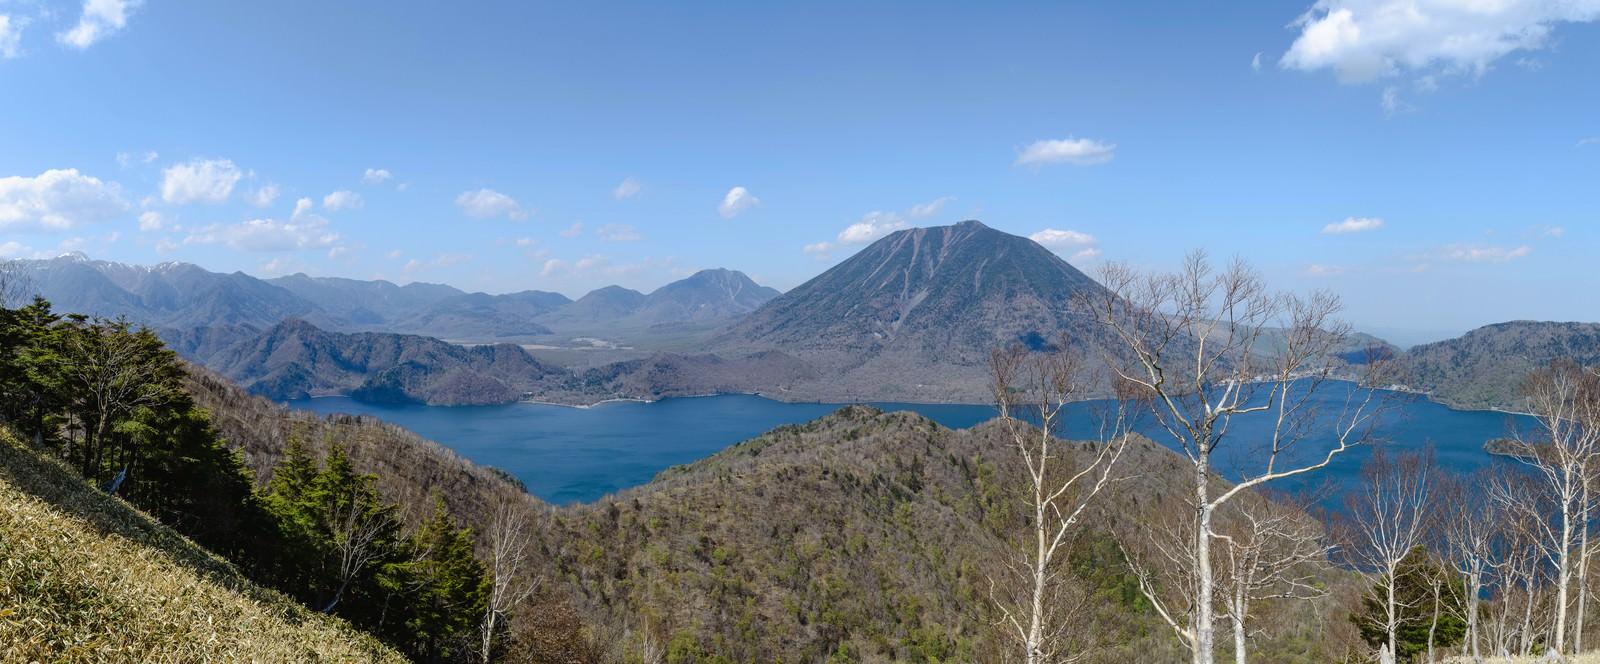 「日光中禅寺湖のパノラマ写真日光中禅寺湖のパノラマ写真」のフリー写真素材を拡大